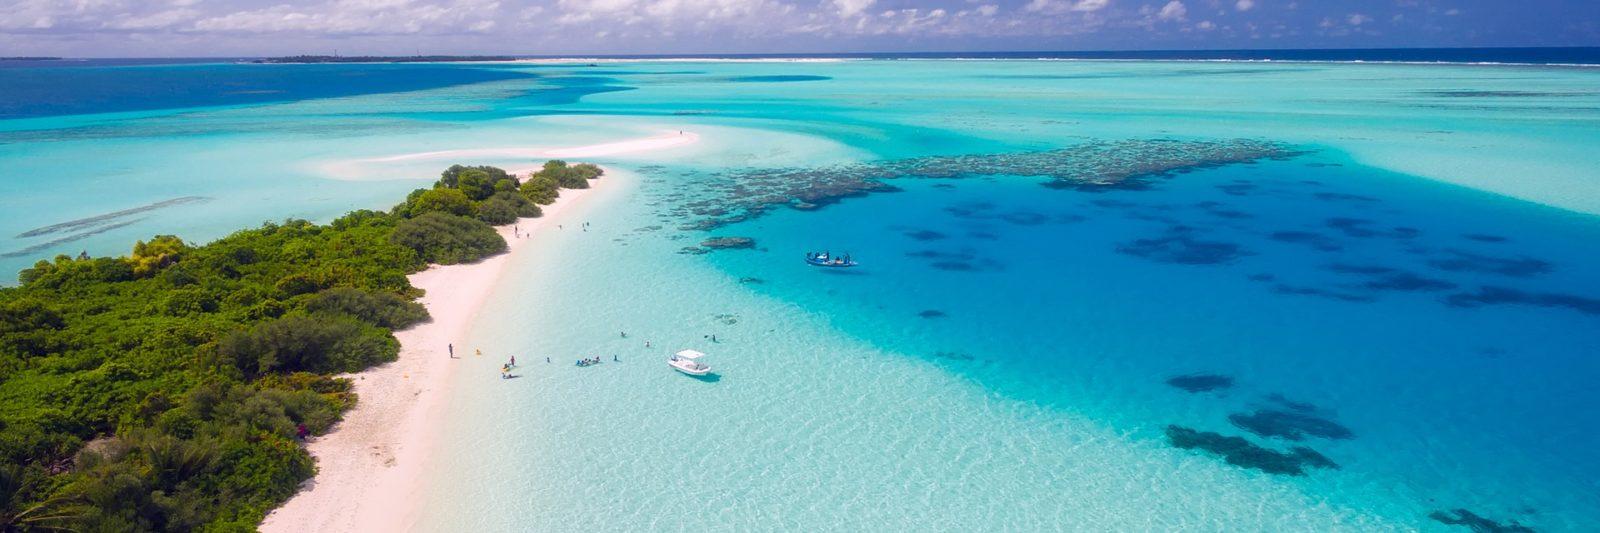 cushtravel islands